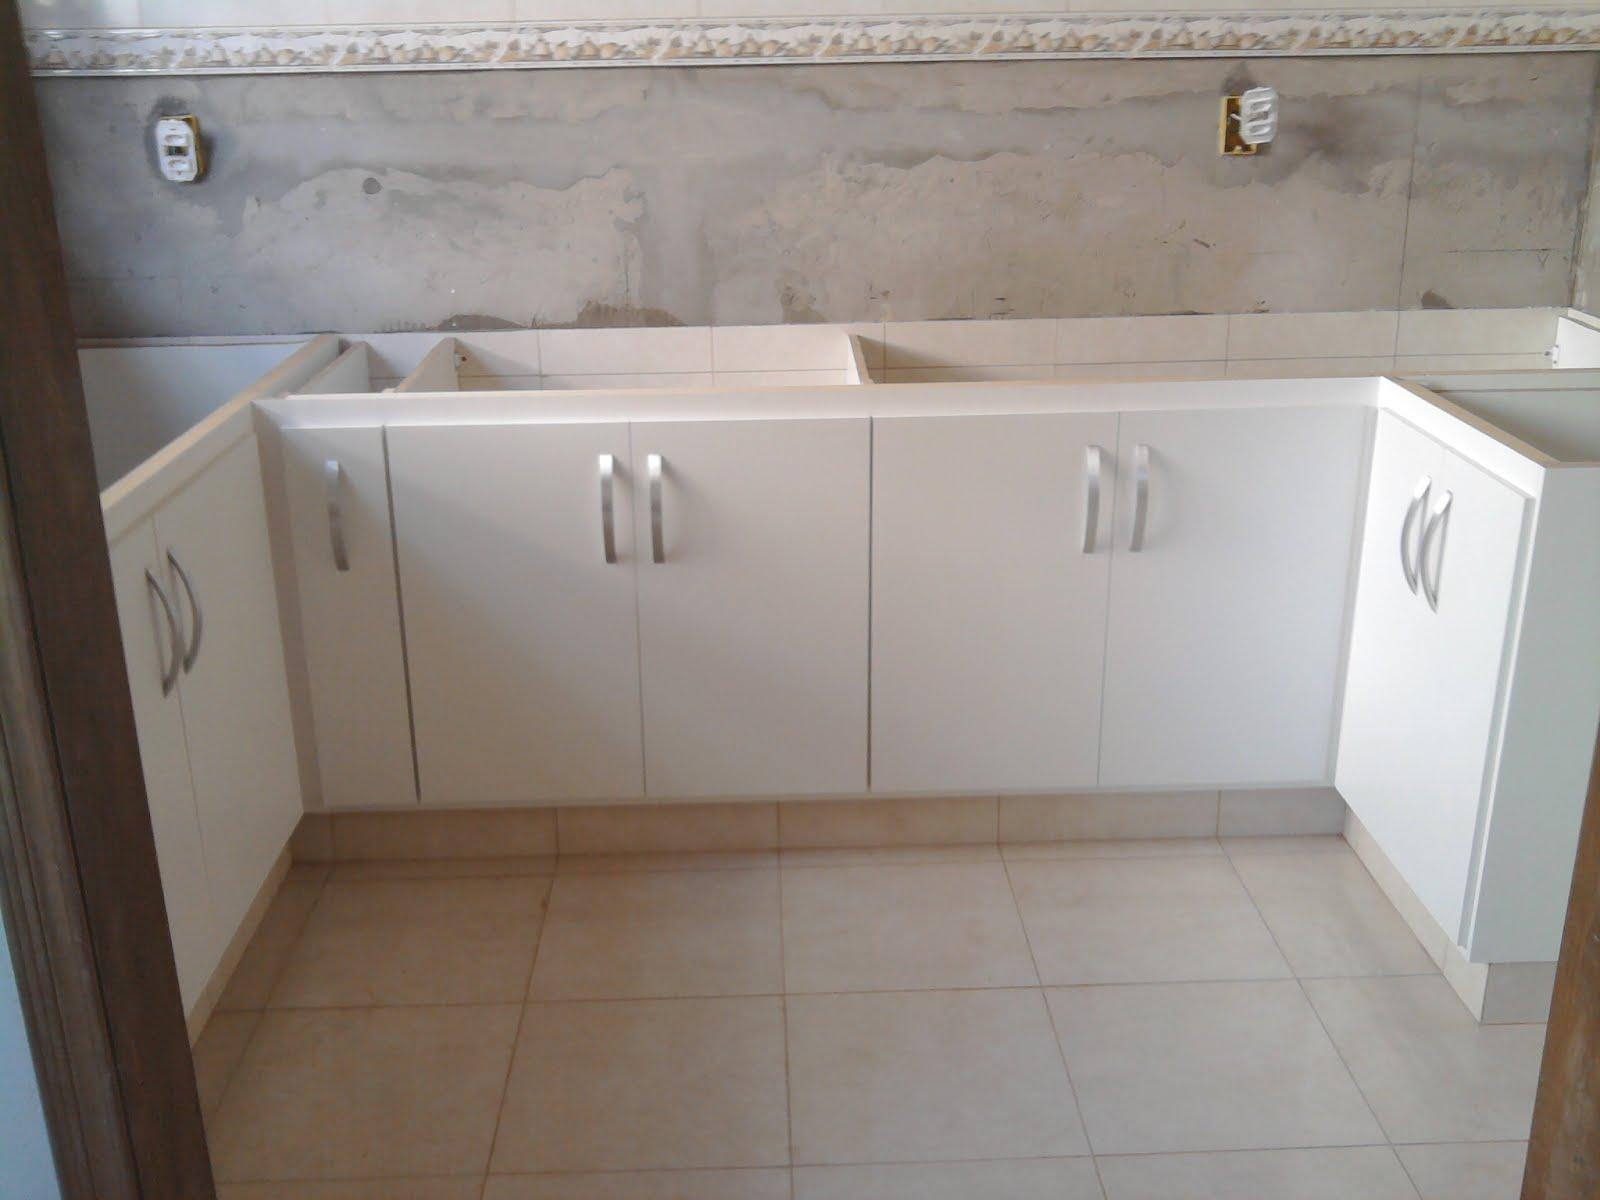 CONSTRUÇÂO!!!!!: Este é um gabinete de cozinha em MDF 100% na cor  #634D39 1600x1200